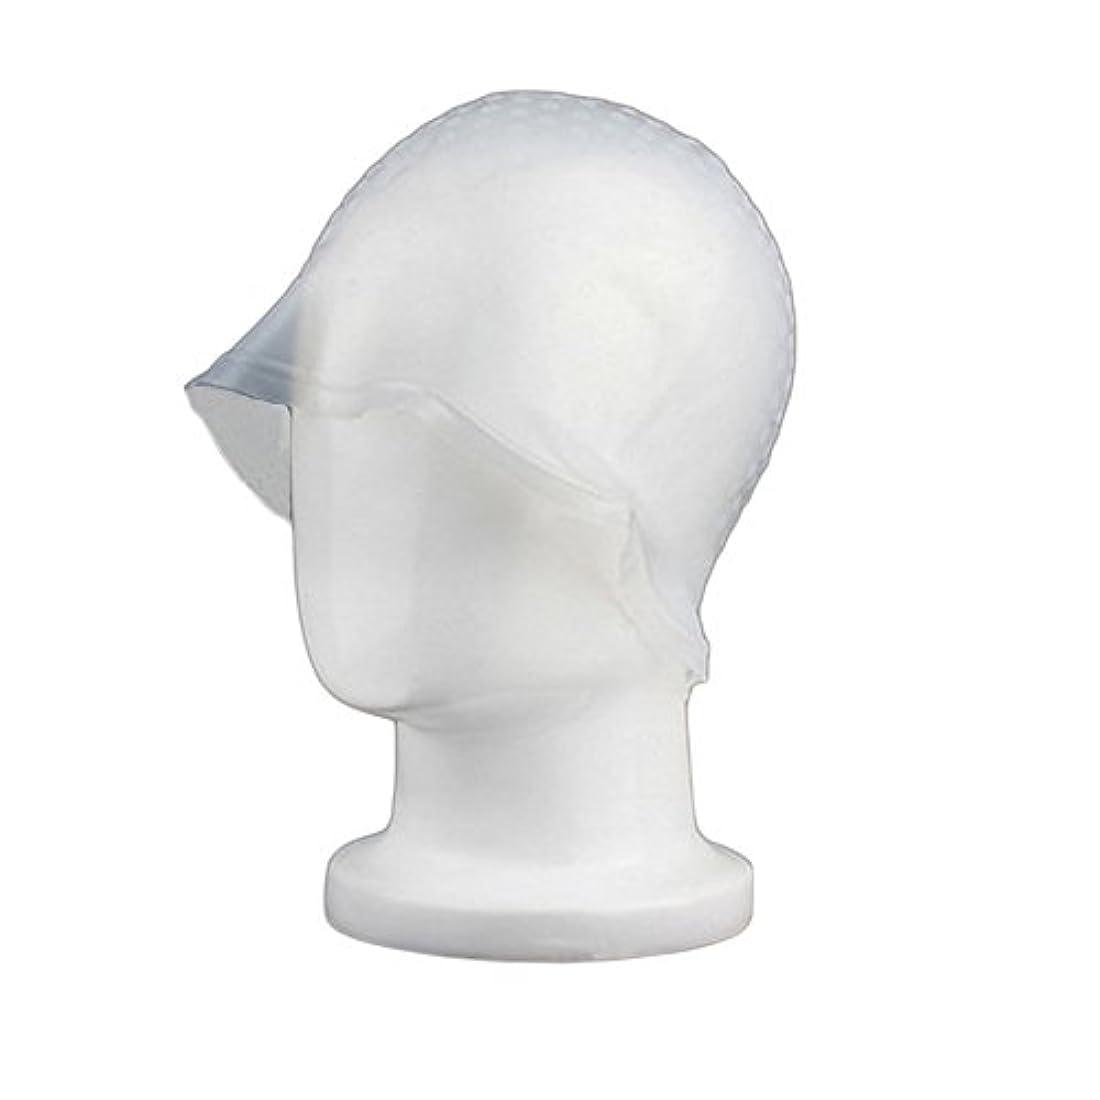 山岳脳好むZafina 毛染め用 キャップ 再利用可能 染め専用 ボンネット ヘアカラー (透明)